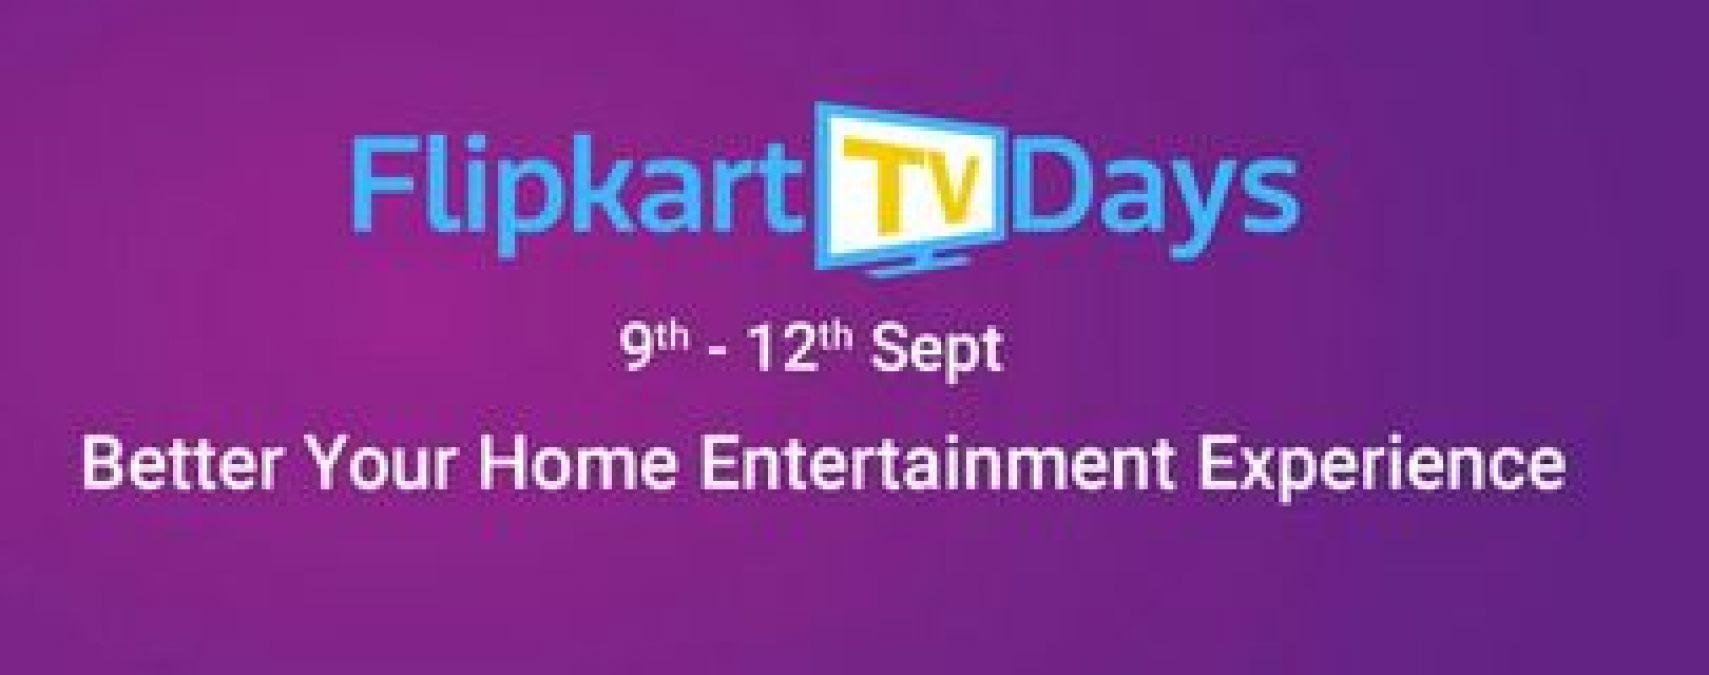 Flipkart TV Days Sale में ग्राहकों को मिलेगा 500 से ज्यादा प्रोडक्ट्स पर बंपर डिस्काउंट